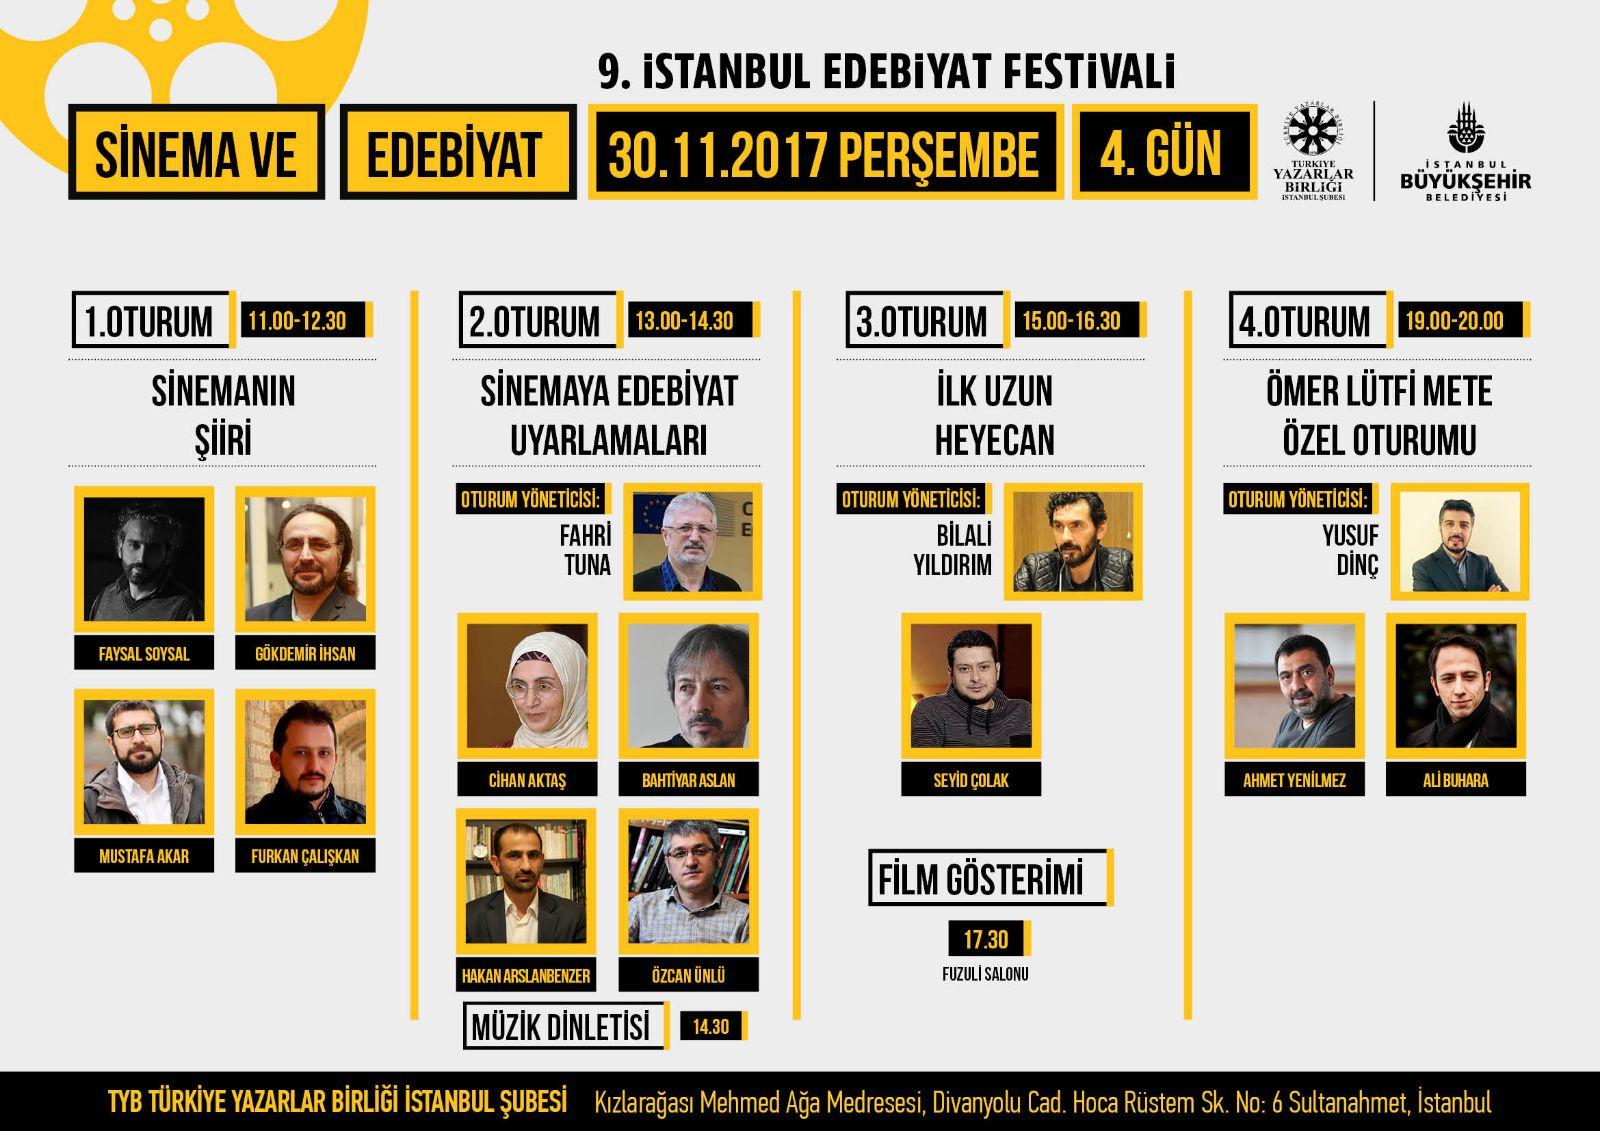 9. İstanbul Edebiyat Festivali'nin Dördüncü Günü